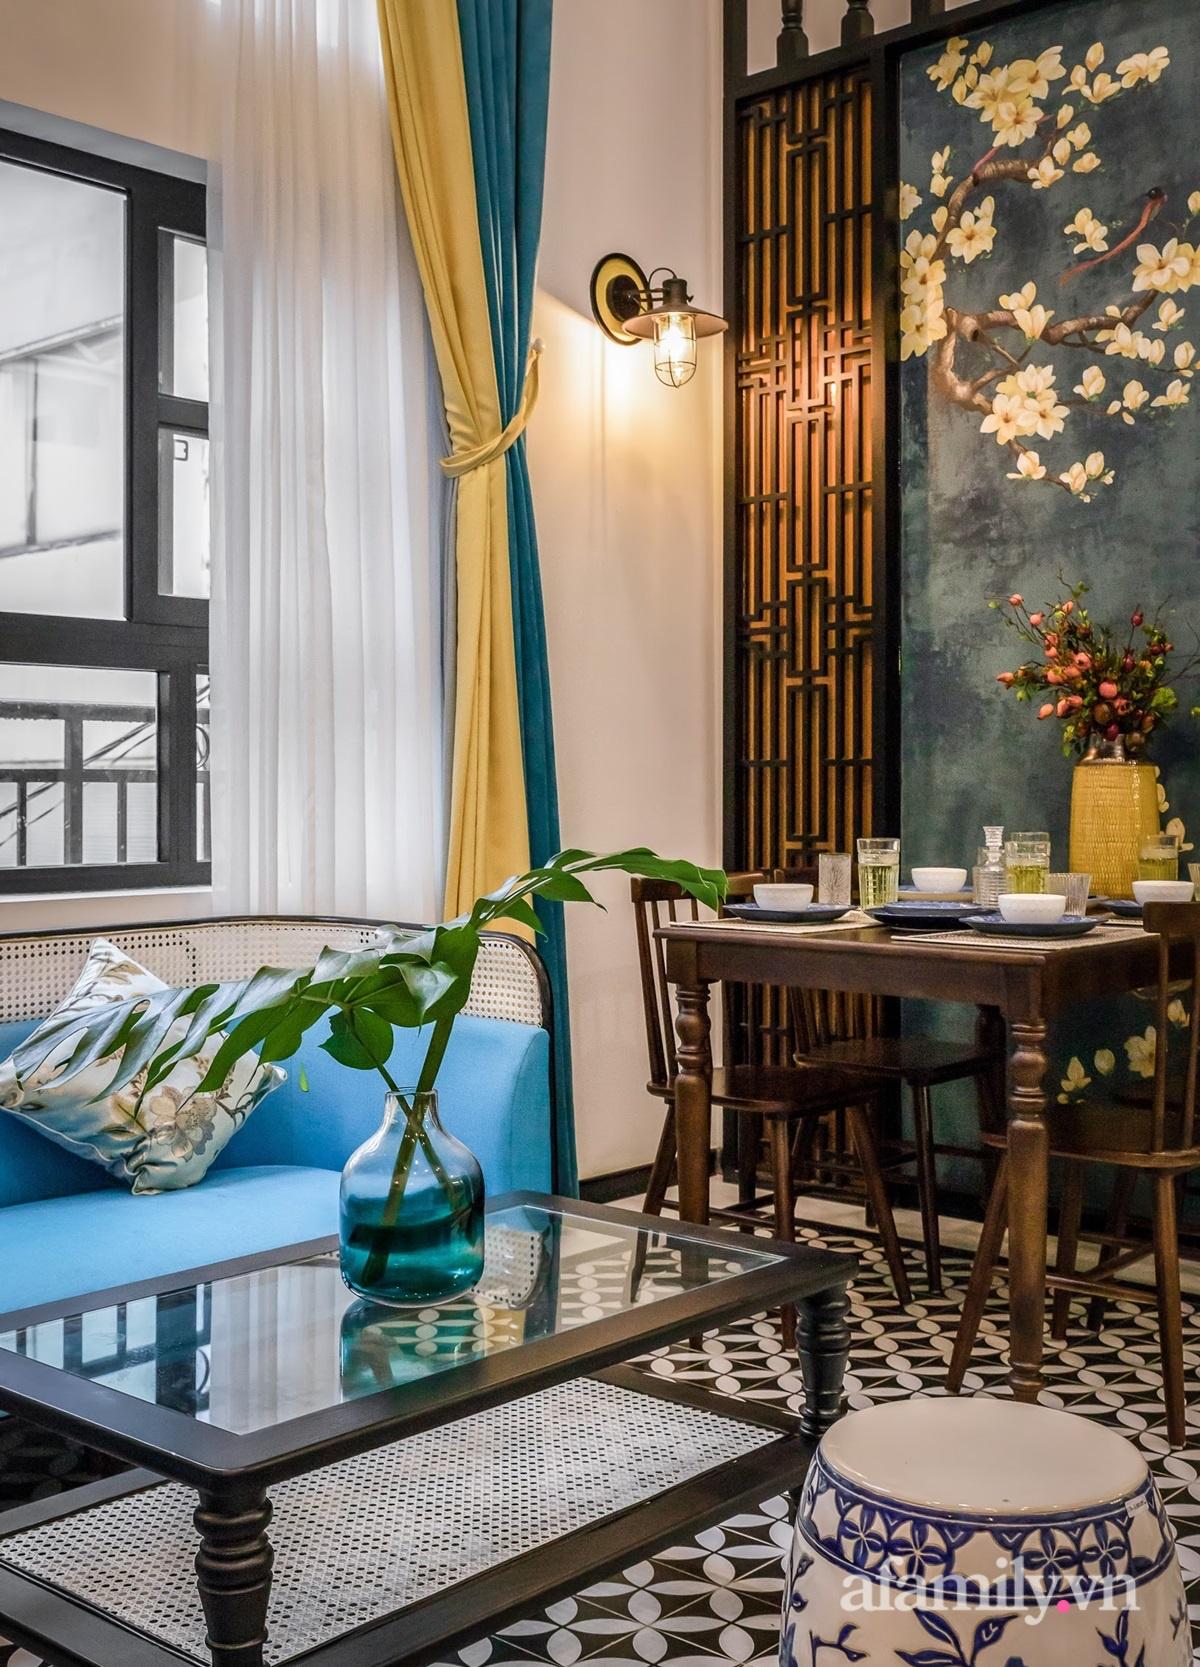 Cải tạo căn hộ tập thể 85m² thành không gian phảng phất vẻ đẹp Đông Dương với chi phí 700 triệu đồng ở Sài Gòn - Ảnh 10.